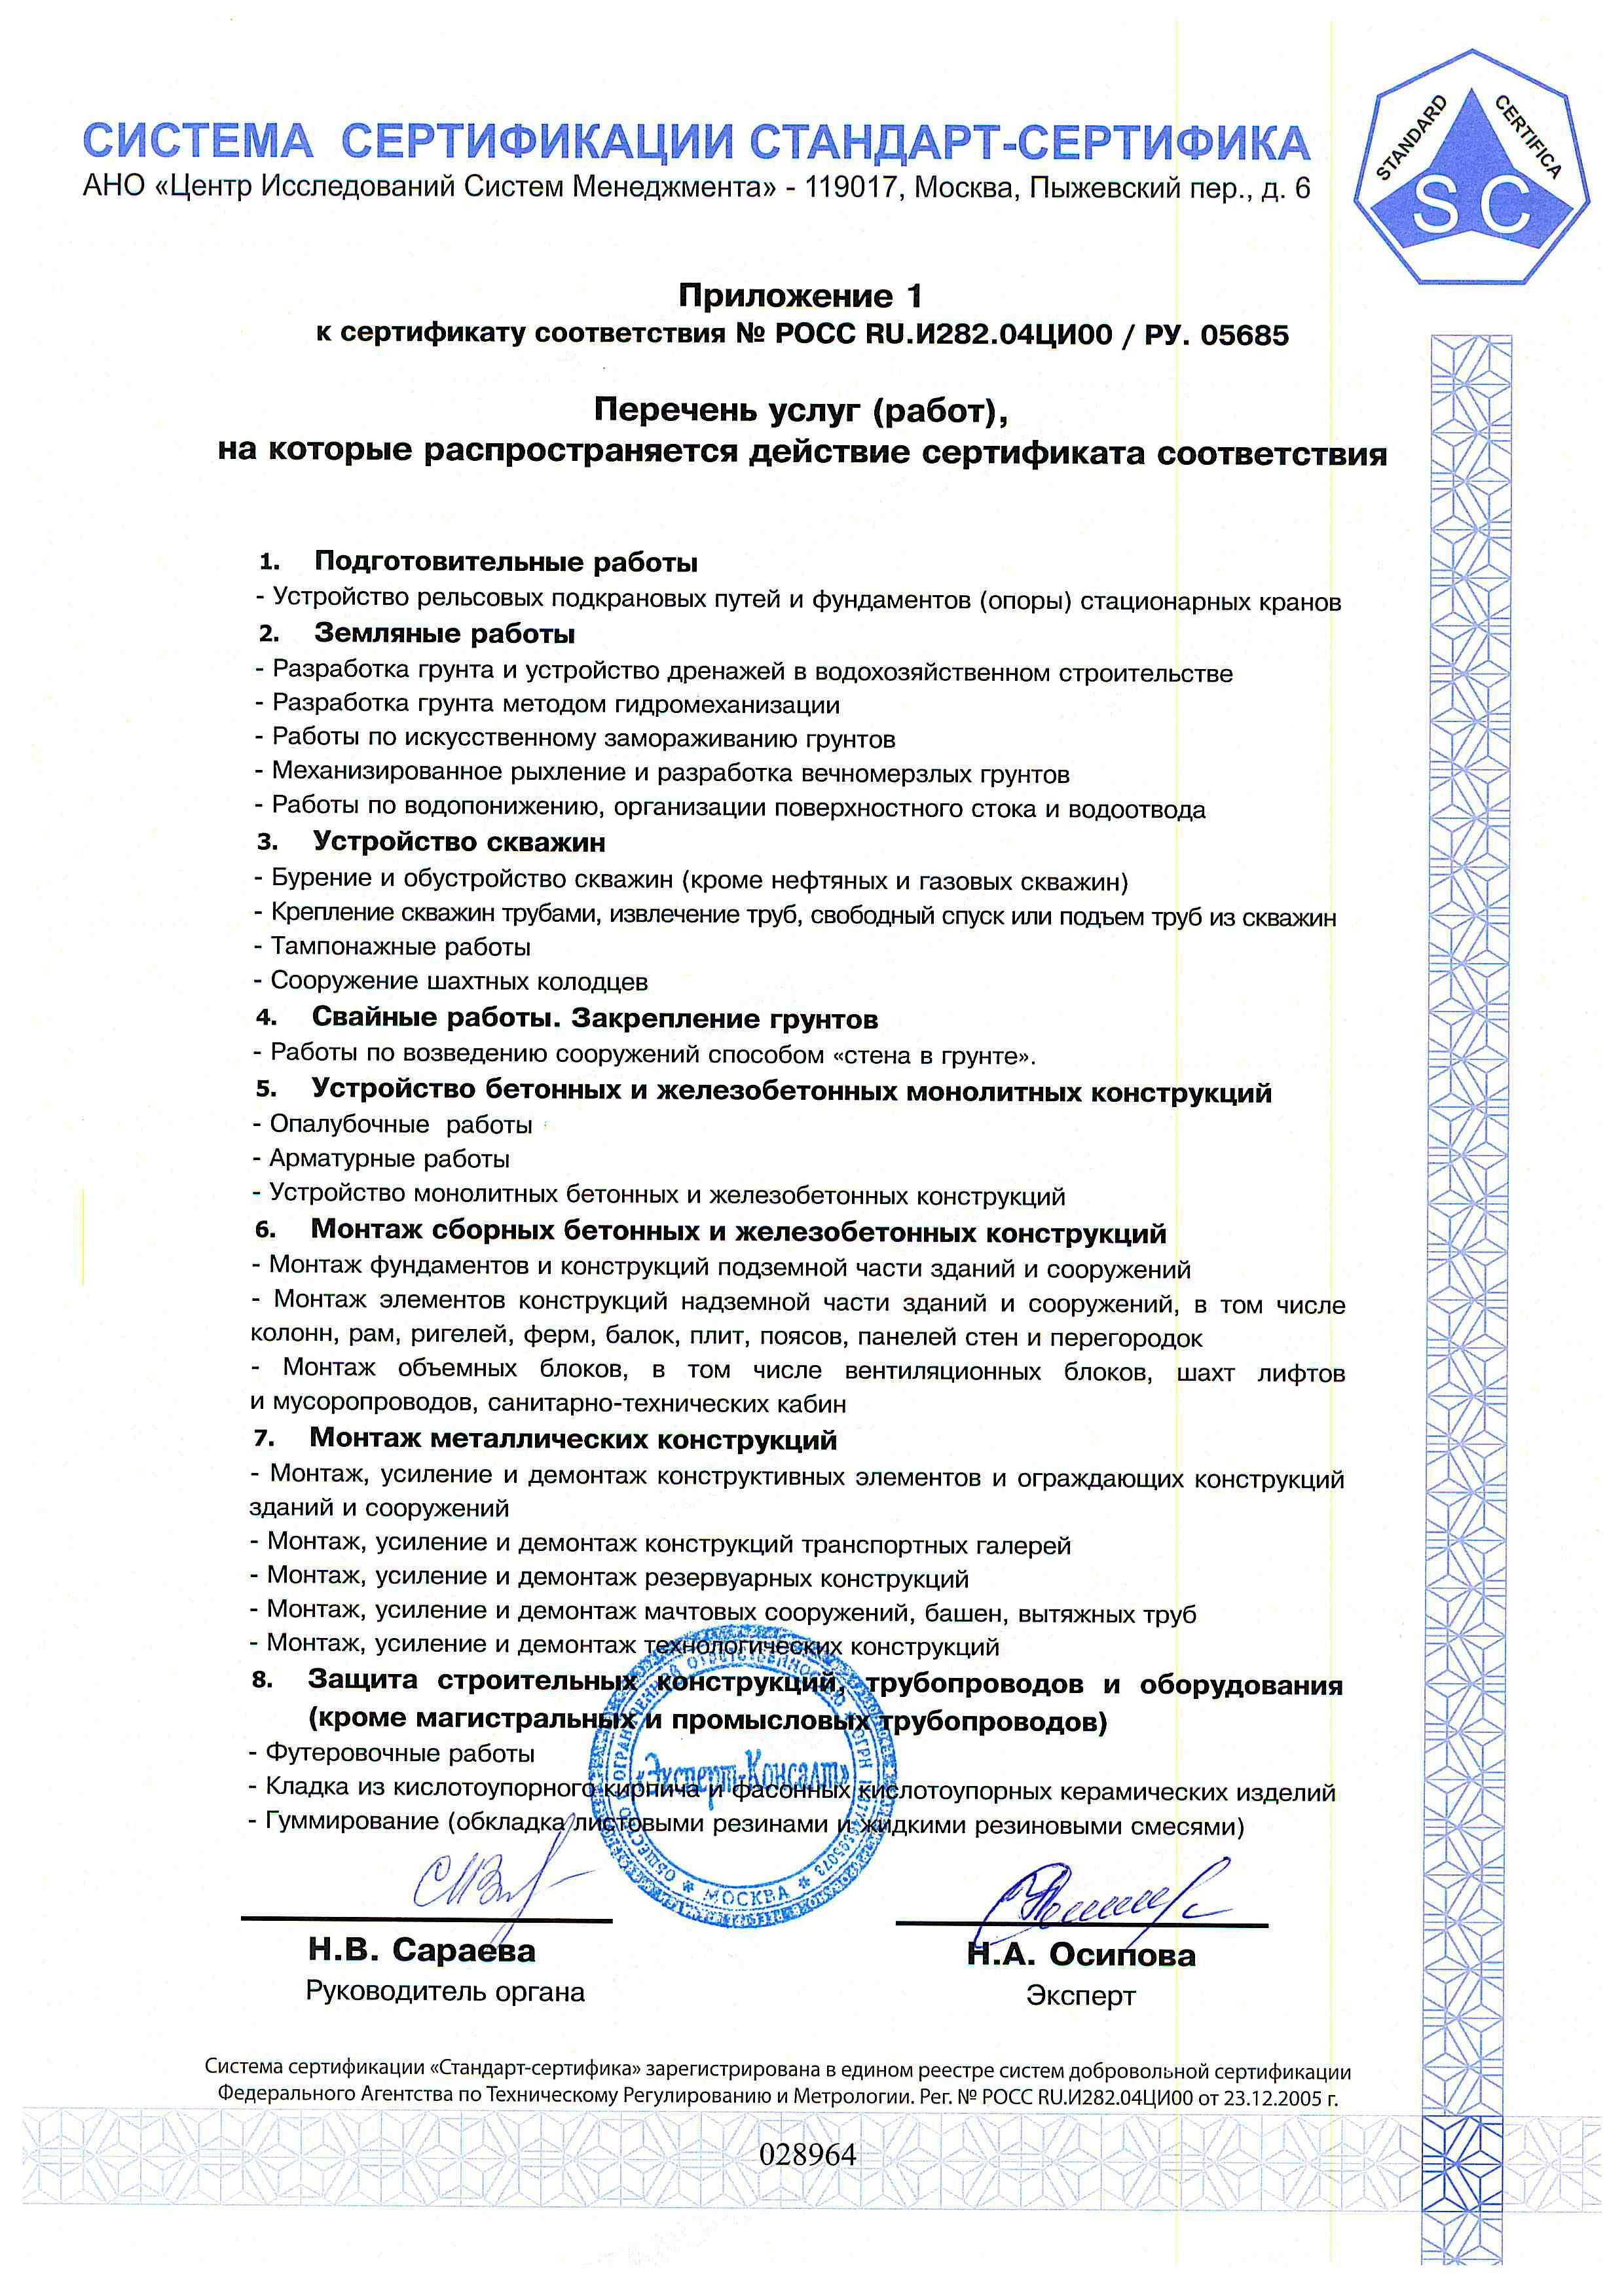 Сертификация строительно-монтаж способы сертификация смк